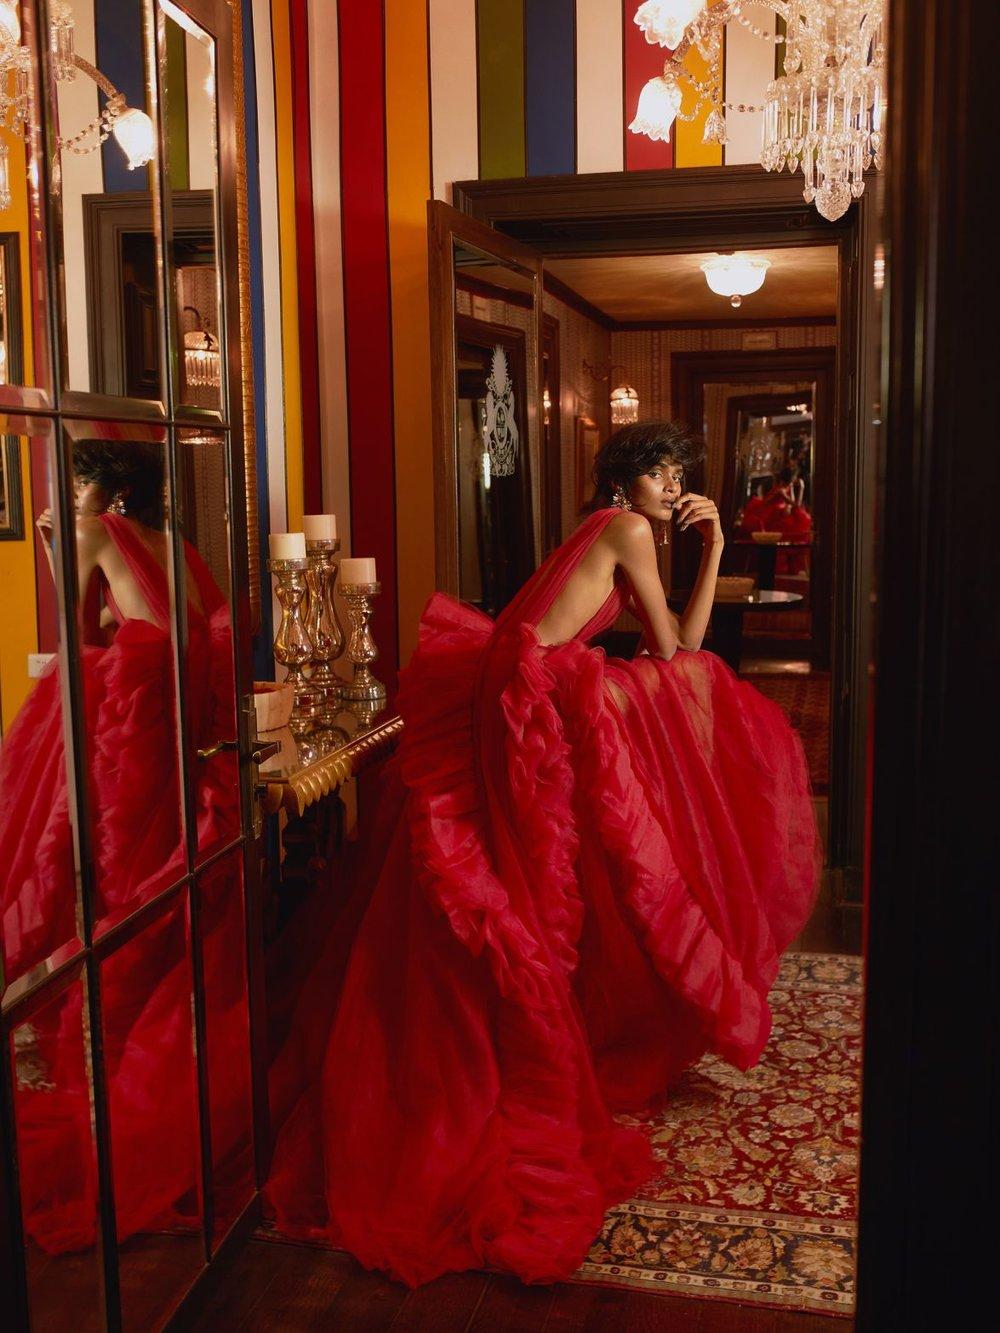 Vogue_Jaipur__O8A2982_ladzlk.jpg